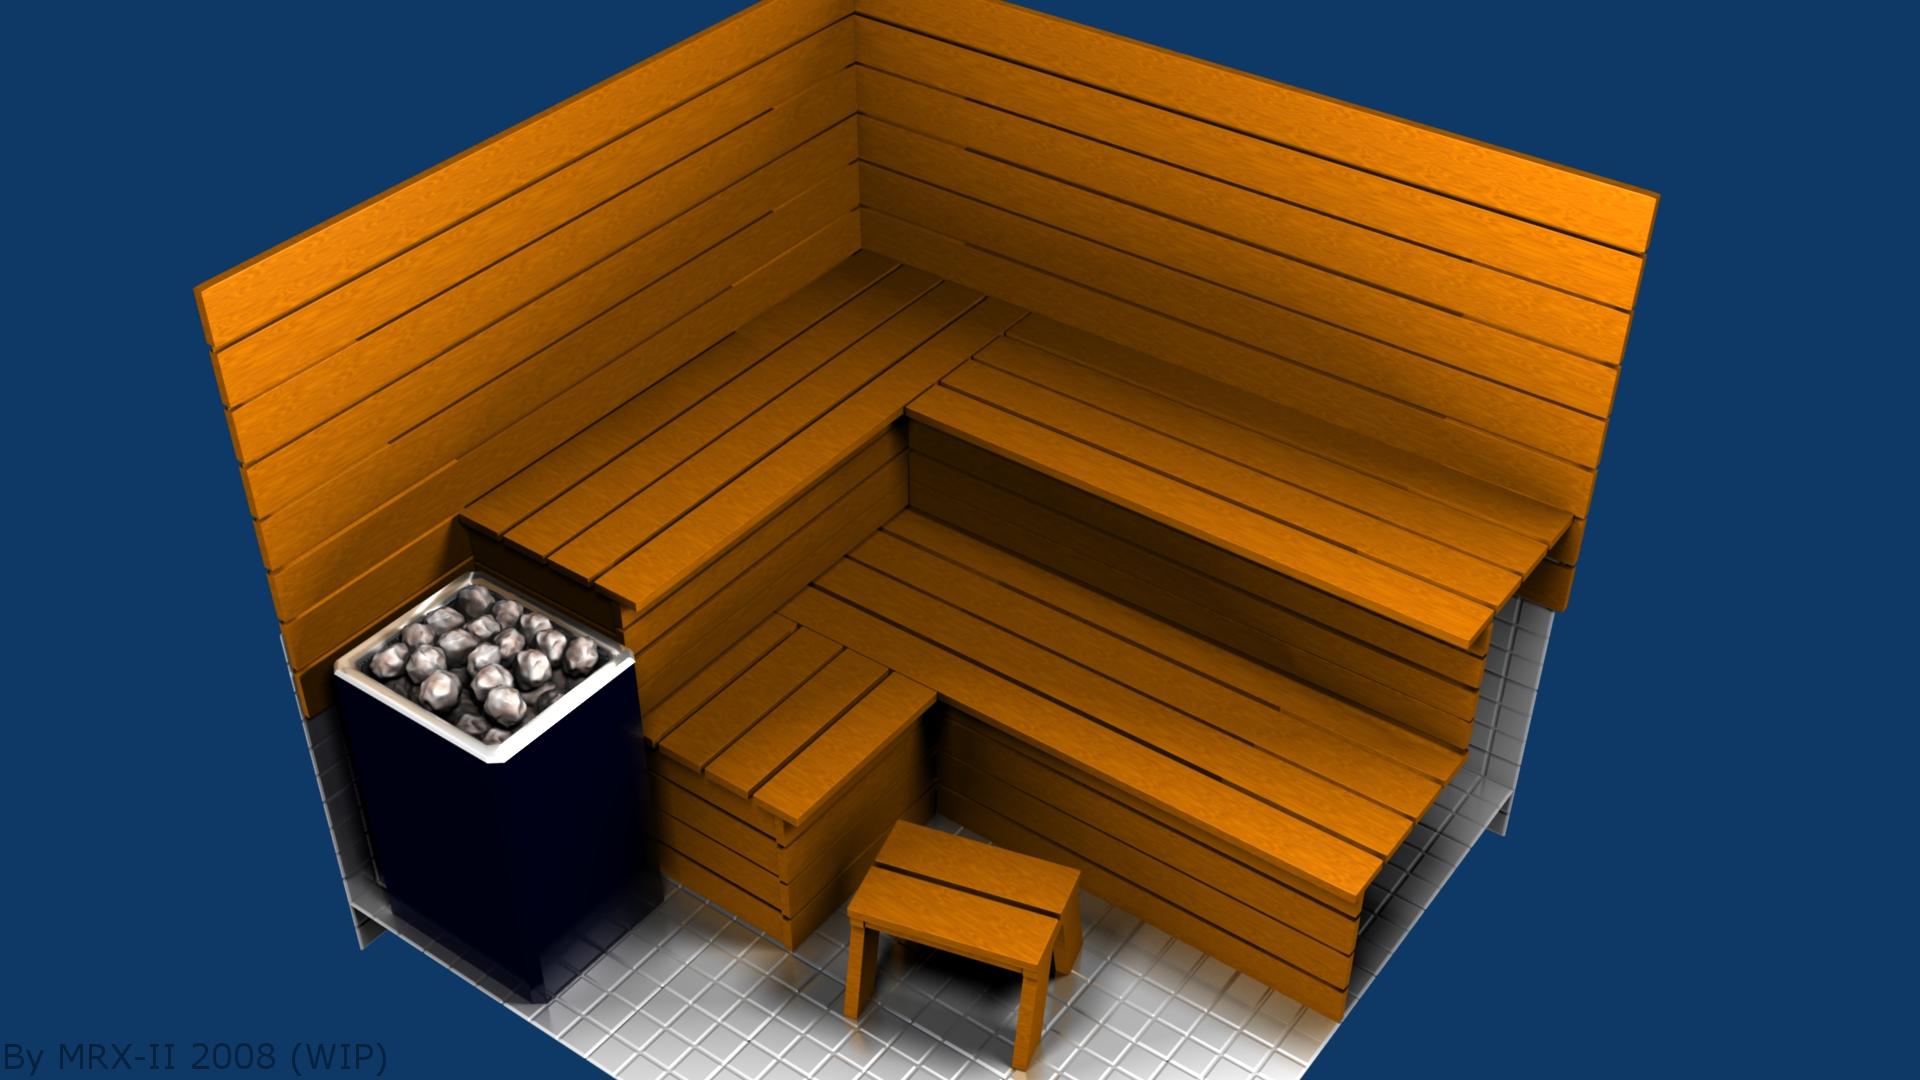 sauna 3d wip by mrx ii on deviantart. Black Bedroom Furniture Sets. Home Design Ideas